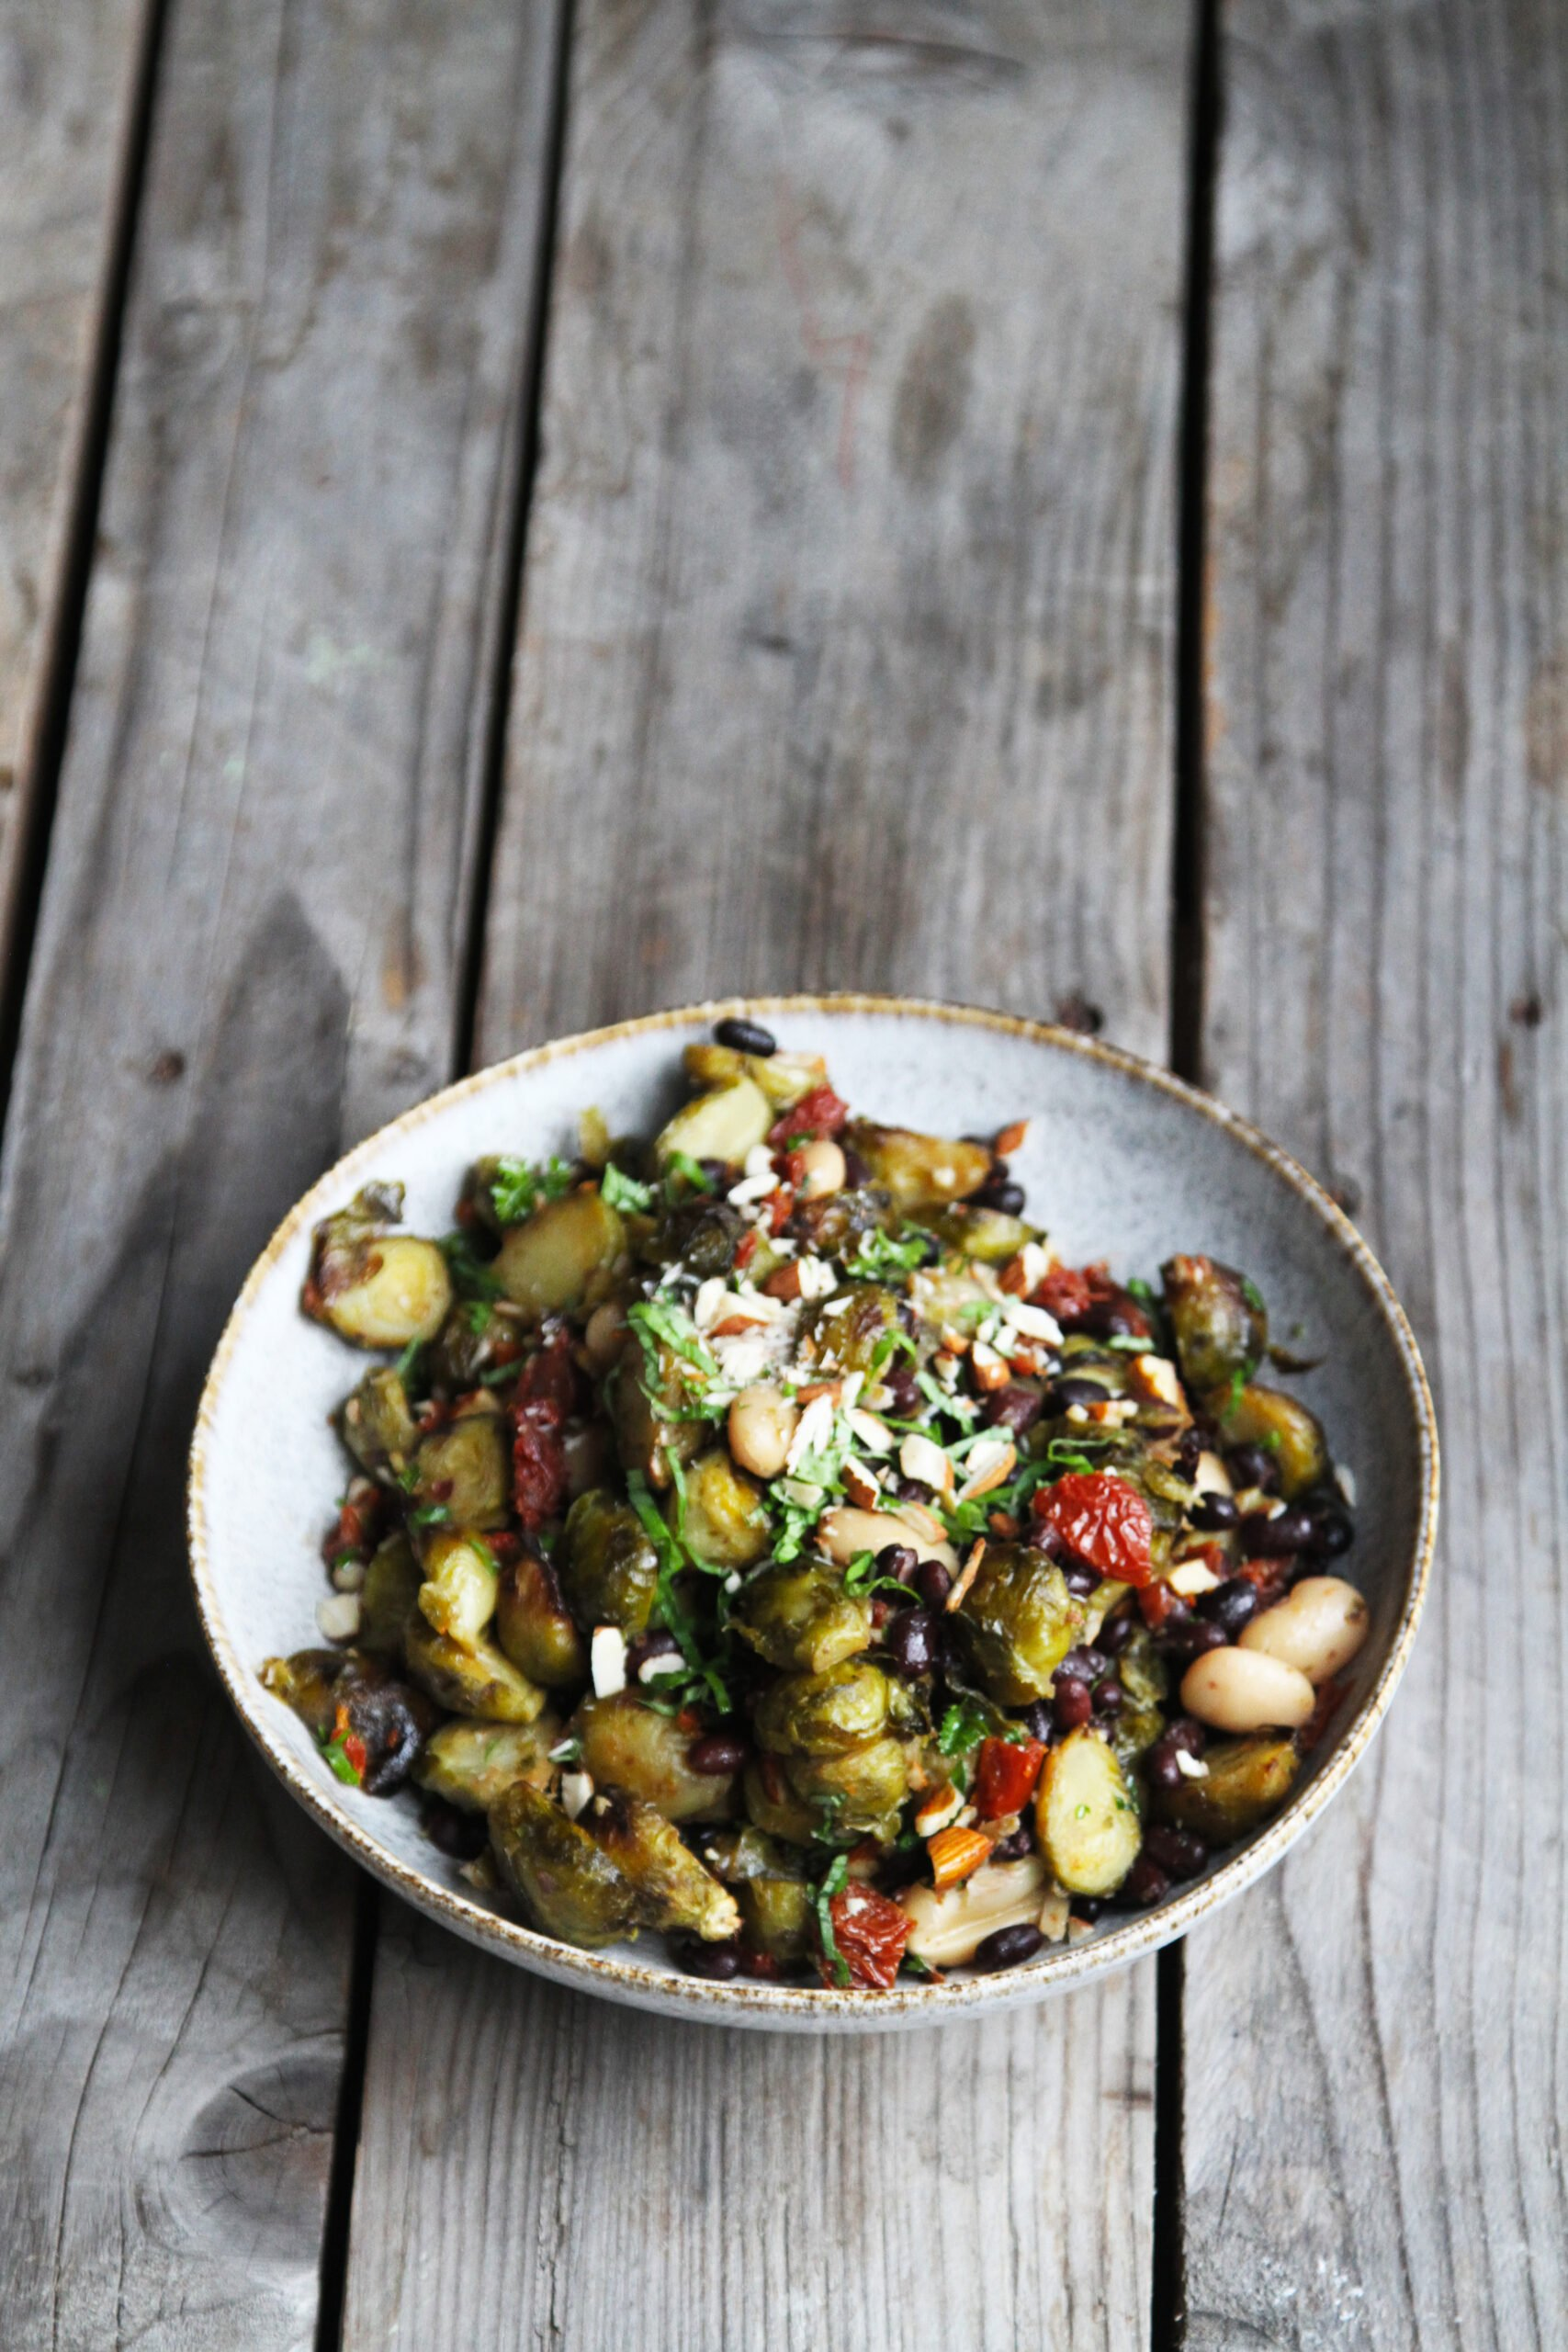 salat boenne rosenkål scaled Salat med rosenkål, bønner og soltørret tomater